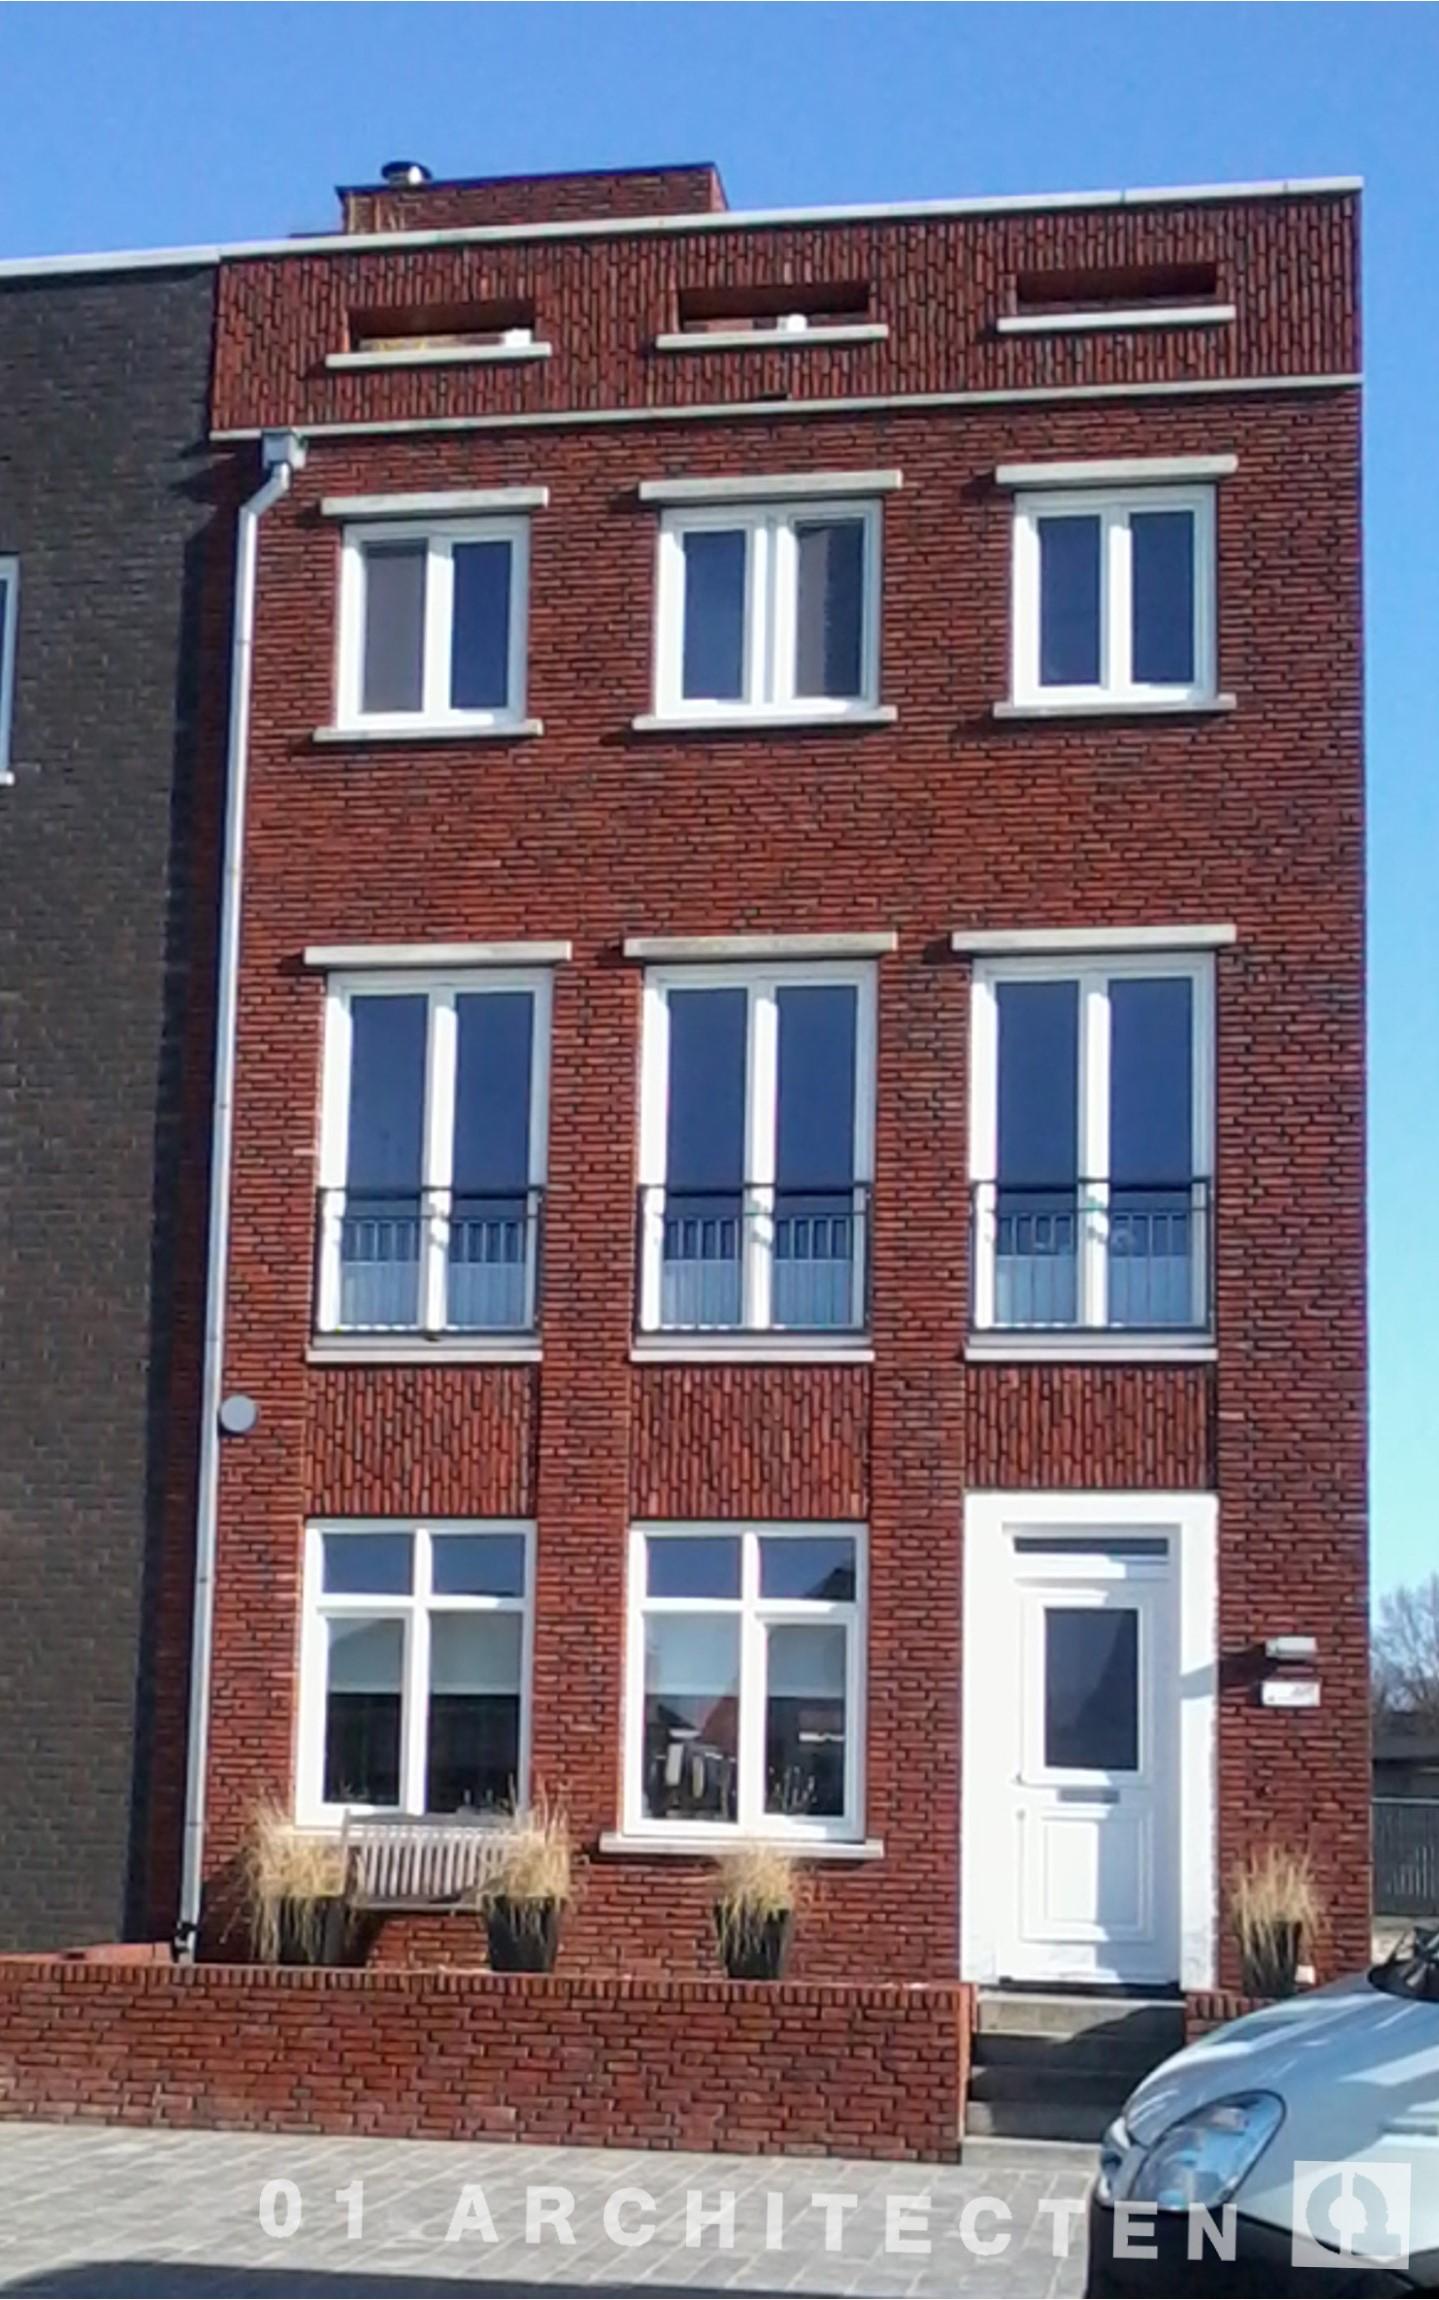 Nieuwbouw van een stadsvilla statenpand Raiffeisenstraat Enschede